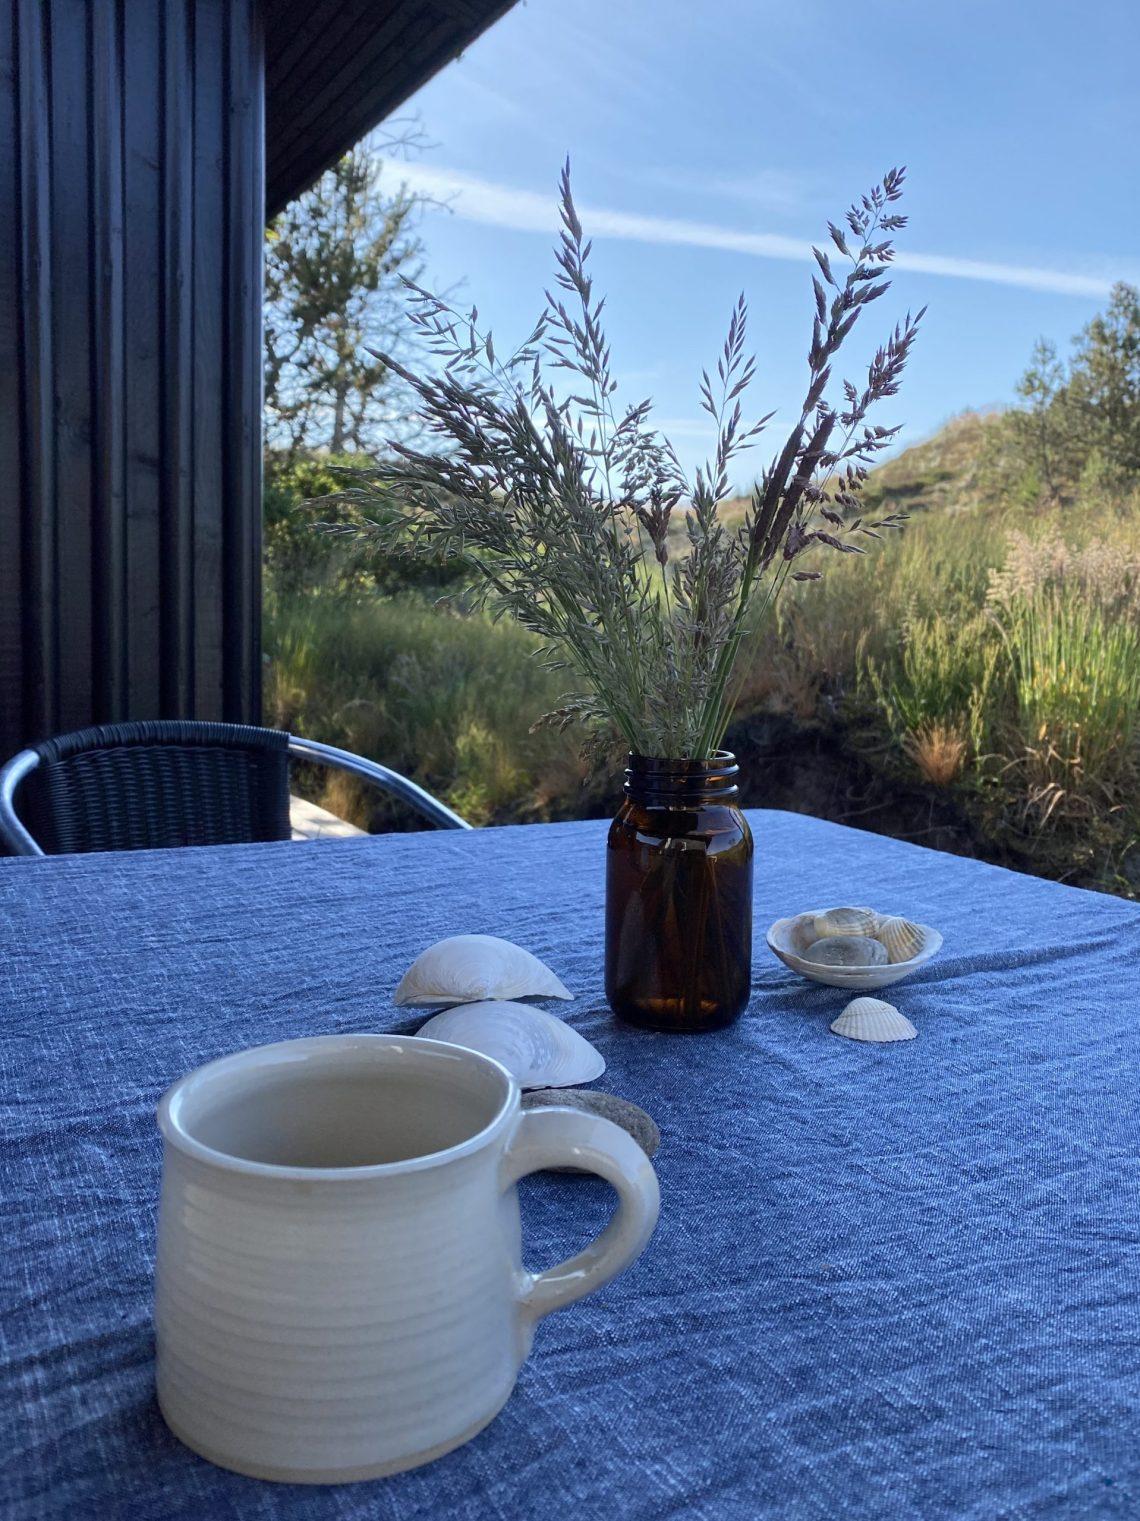 Sommerhusmorgener er nogle af de bedste af slagsen. Stille. Med varm kaffe og strik. Alene midt i naturen